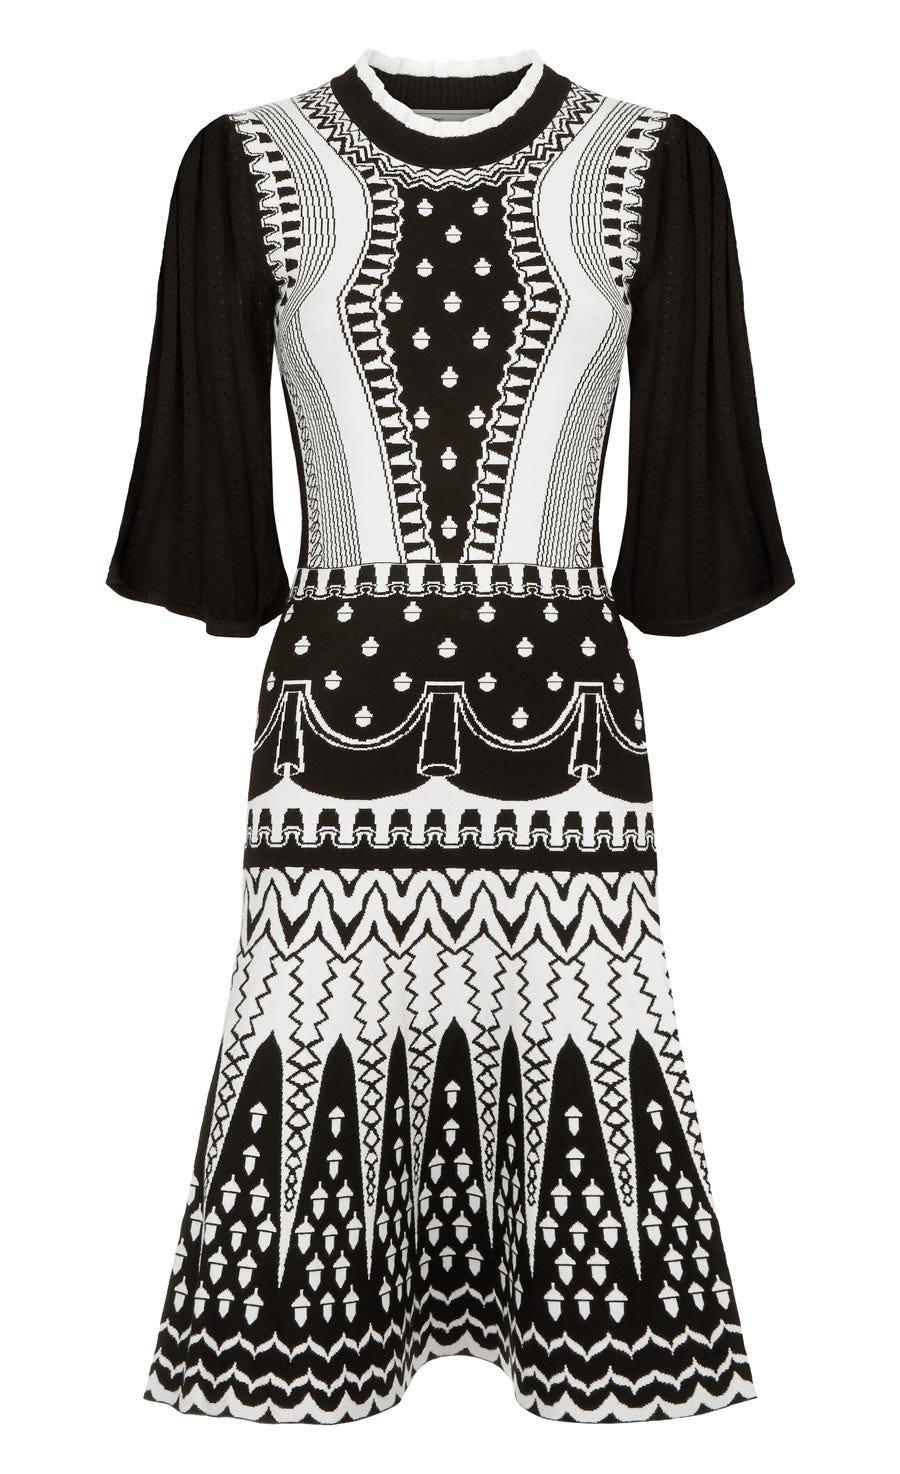 Silvermist Jacquard Knit Mini Dress, Black Mix